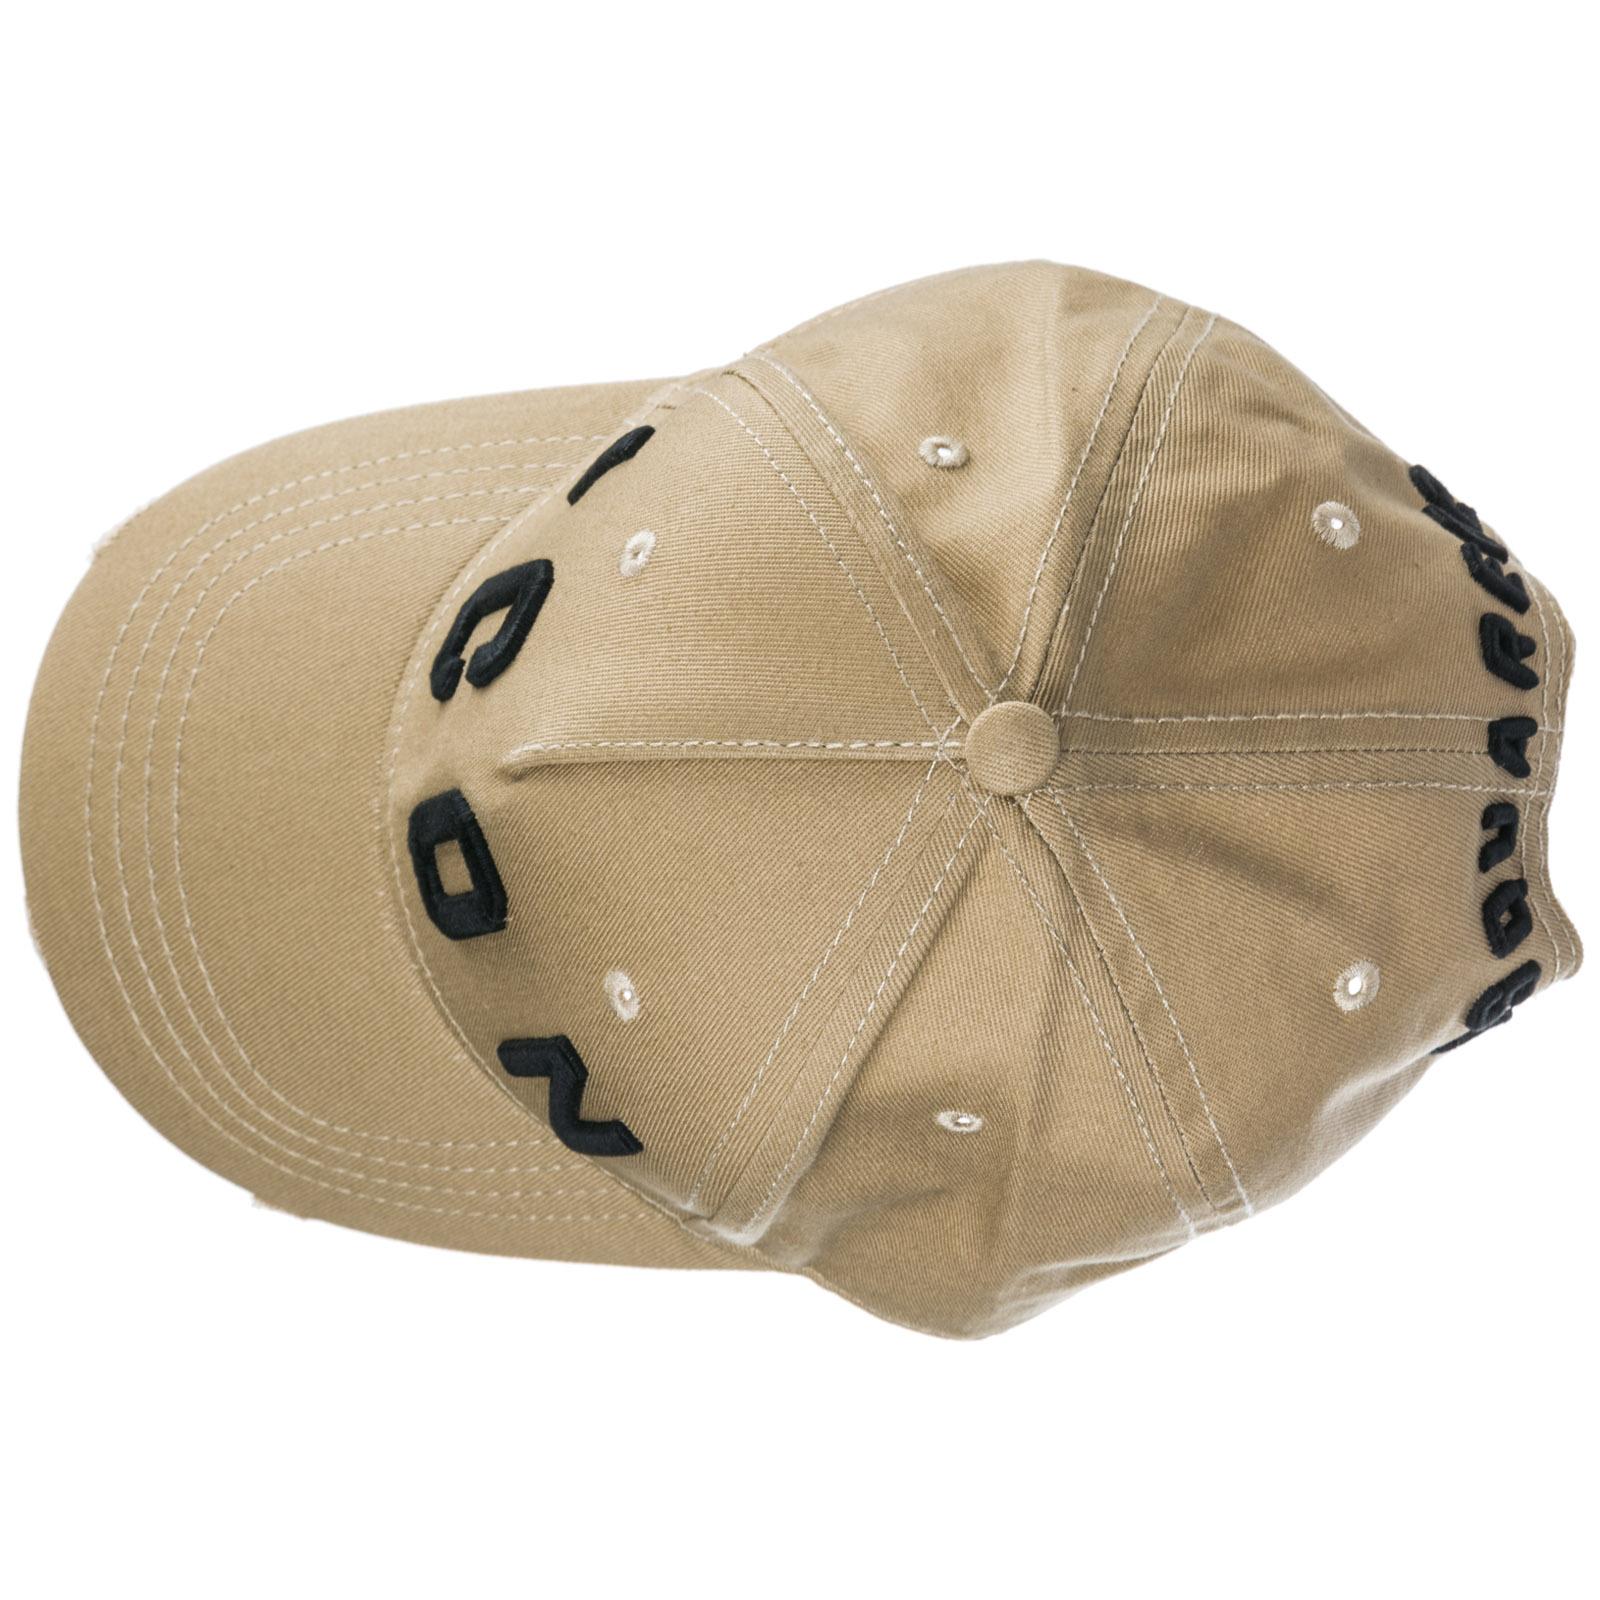 Cappello Dsquared2 Icon BCM400105C00001M1489 kaki + nero  64649bbca209